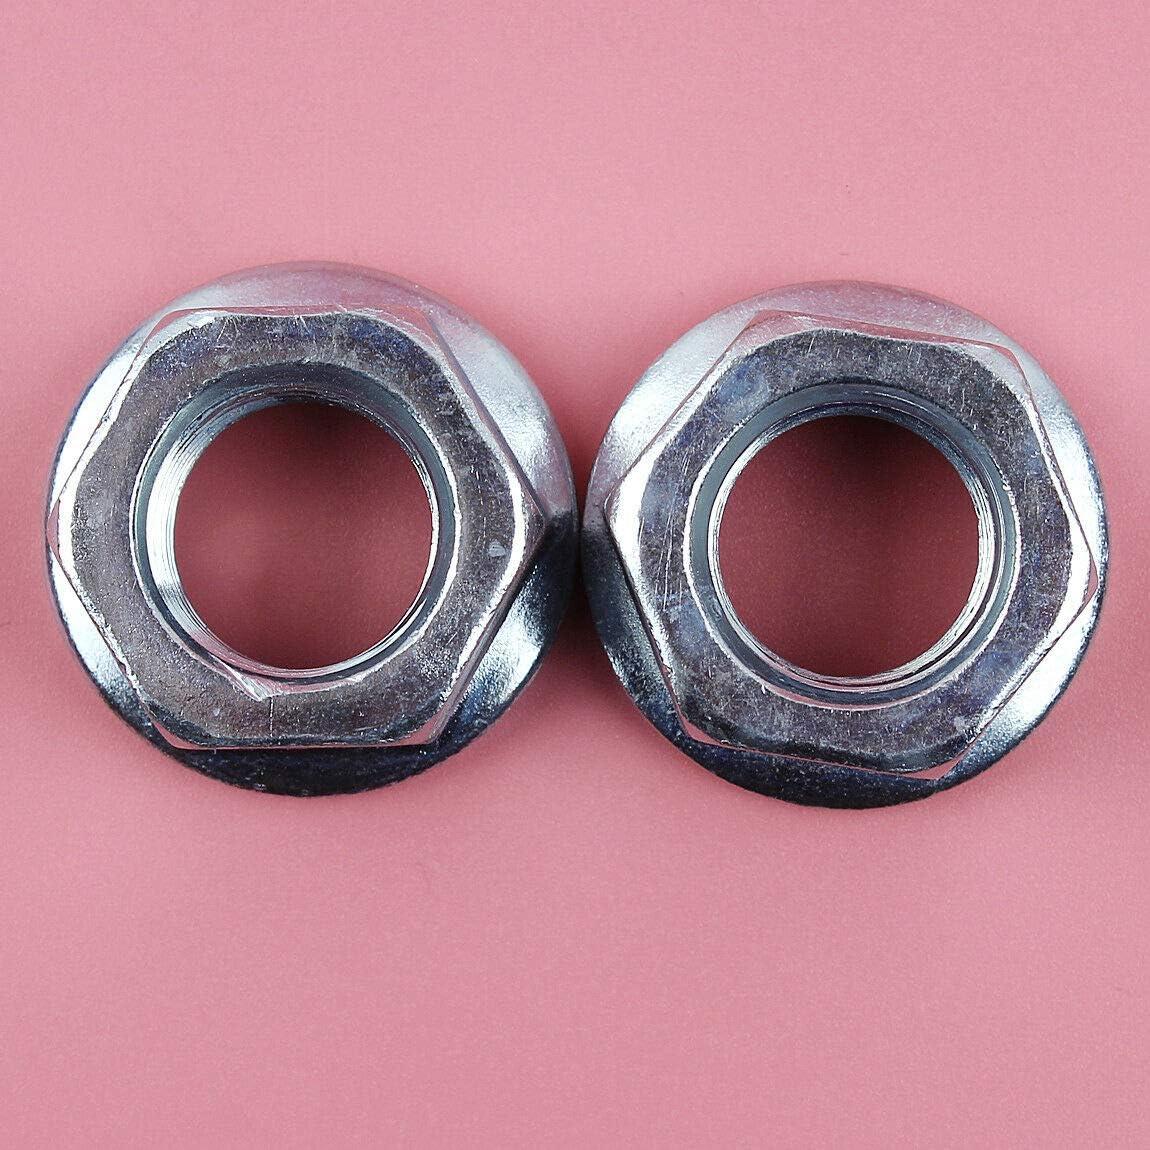 Flywheel 16mm Flywheel Nut for Honda Gx390 Gx340 Gx270 Gx240 13Hp ...